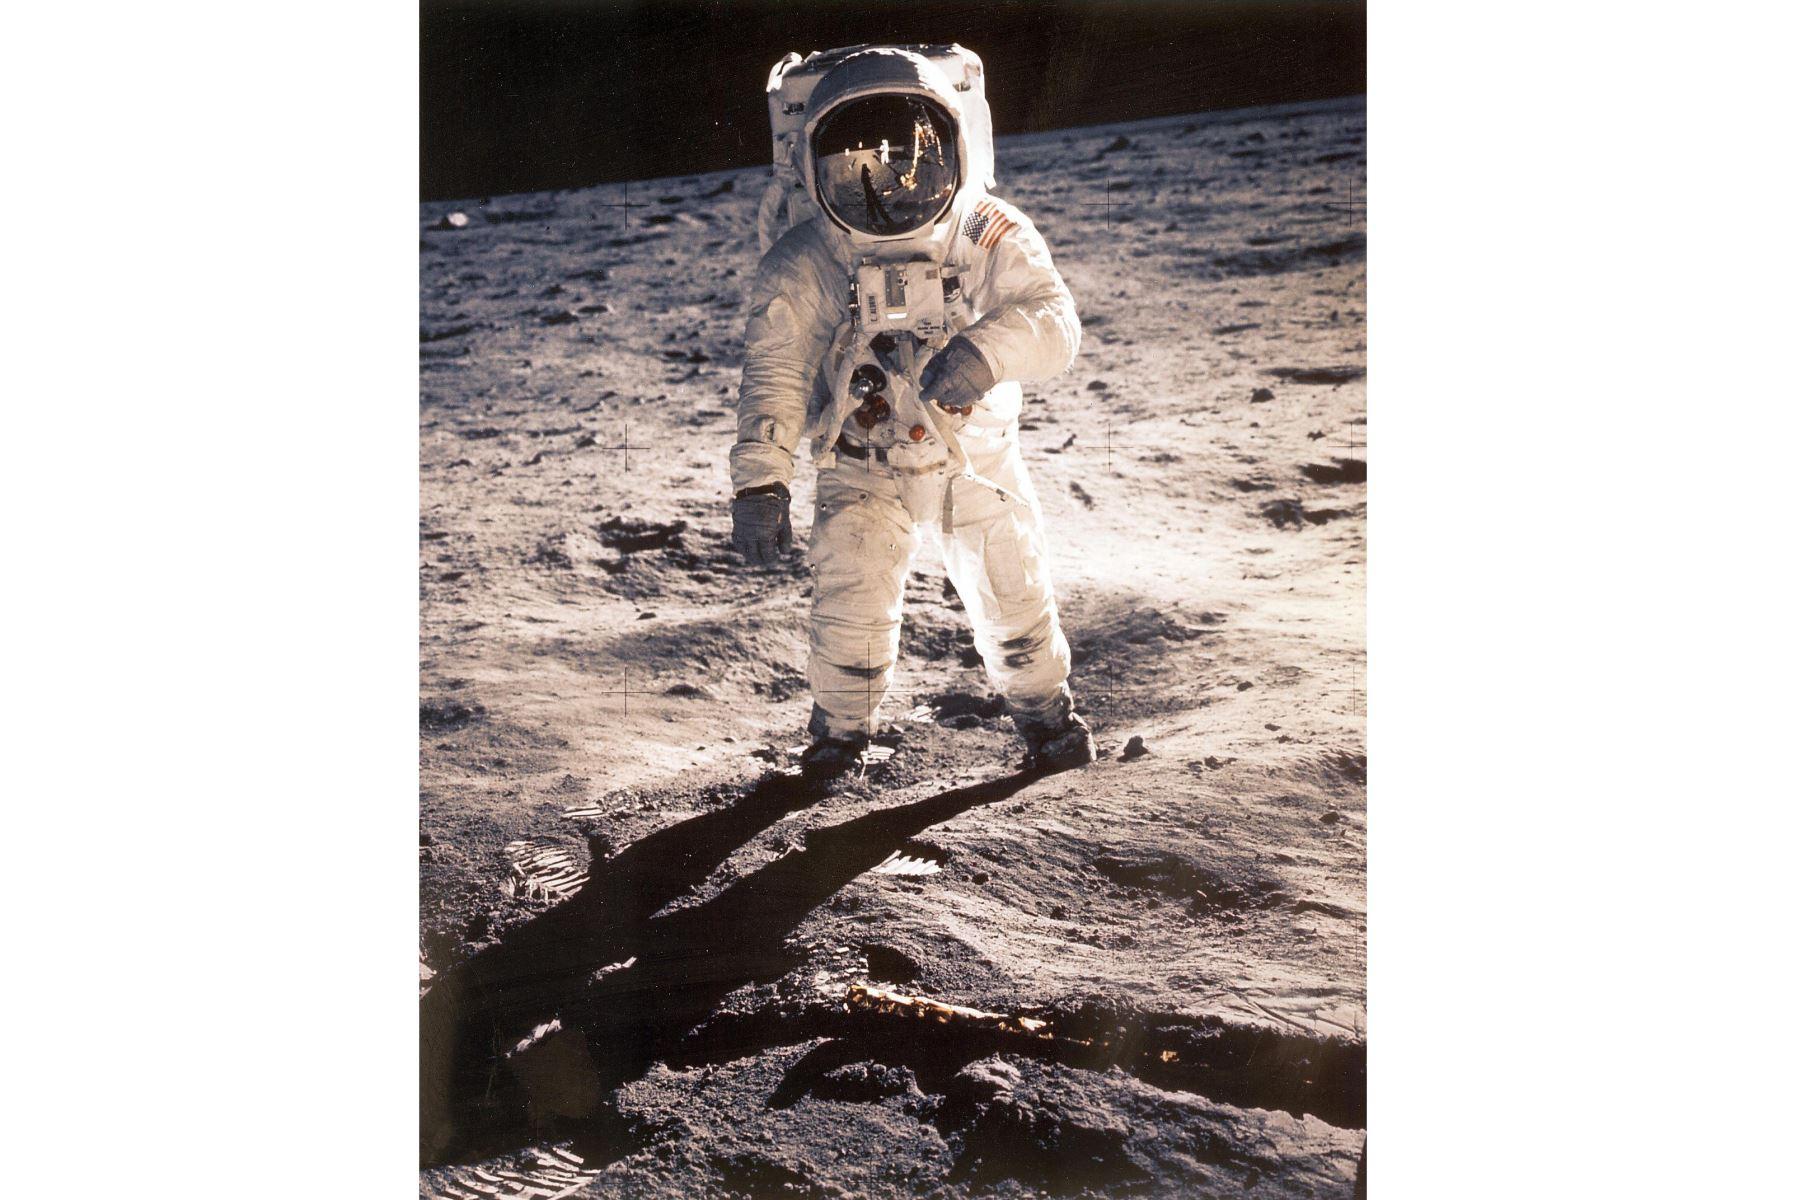 """El astronauta estadounidense Edwin """"Buzz"""" Aldrin aparece caminando cerca del Módulo Lunar el 20 de julio de 1969 durante la misión espacial Apollo 11.Foto: AFP"""